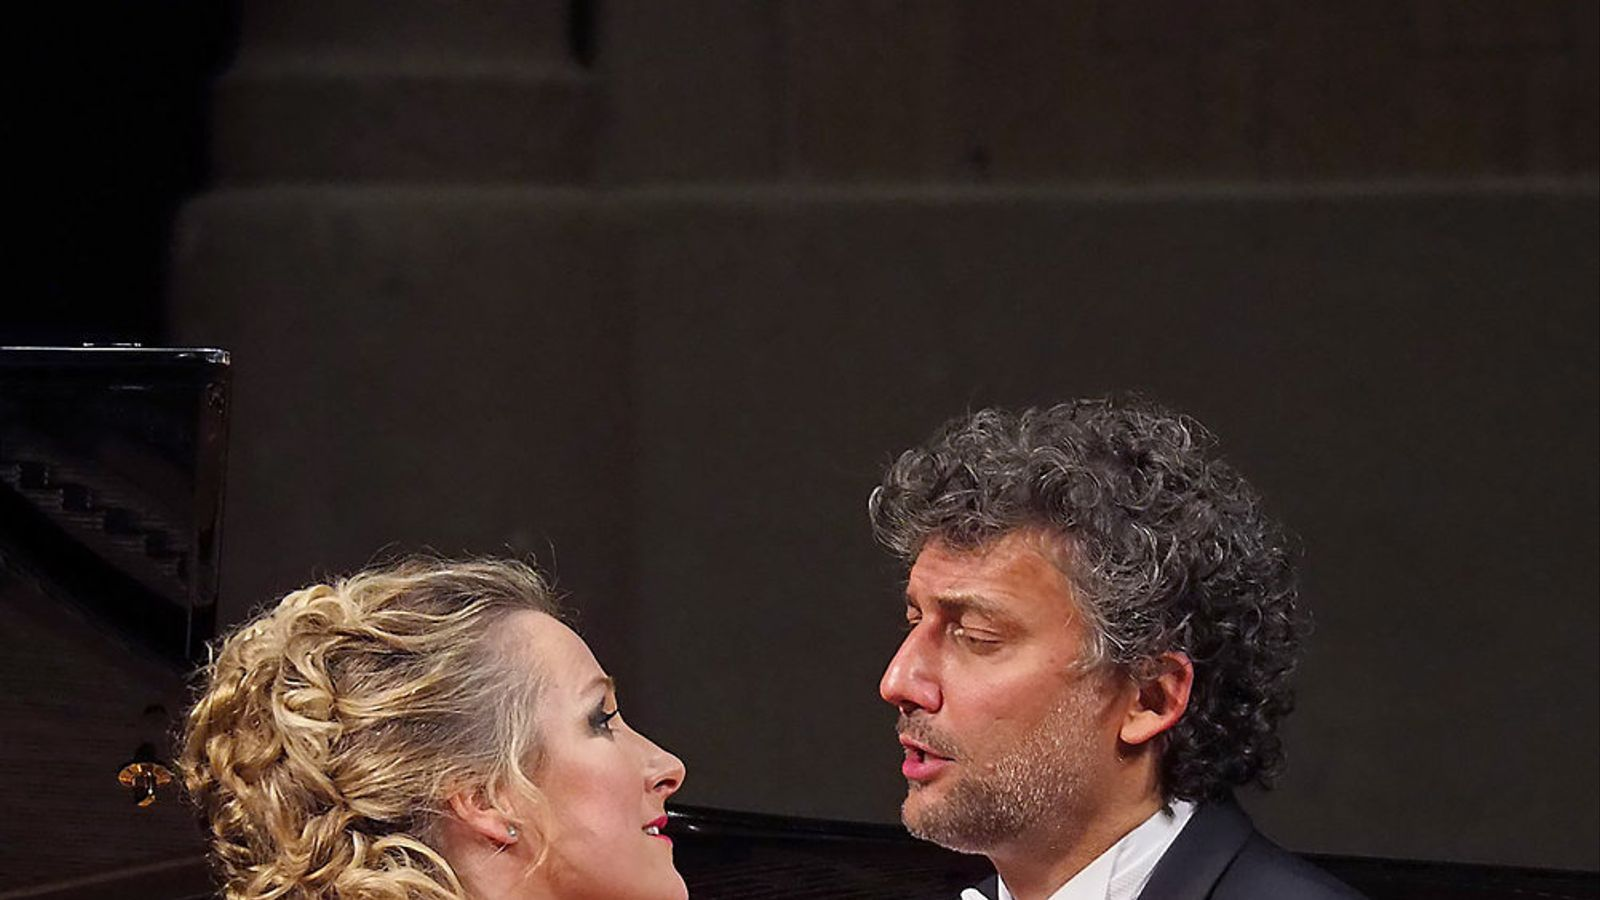 Damrau i Kaufmann van subratllar les seves interpretacions al recital del Palau de la Música amb una marcada teatralitat dels gestos.